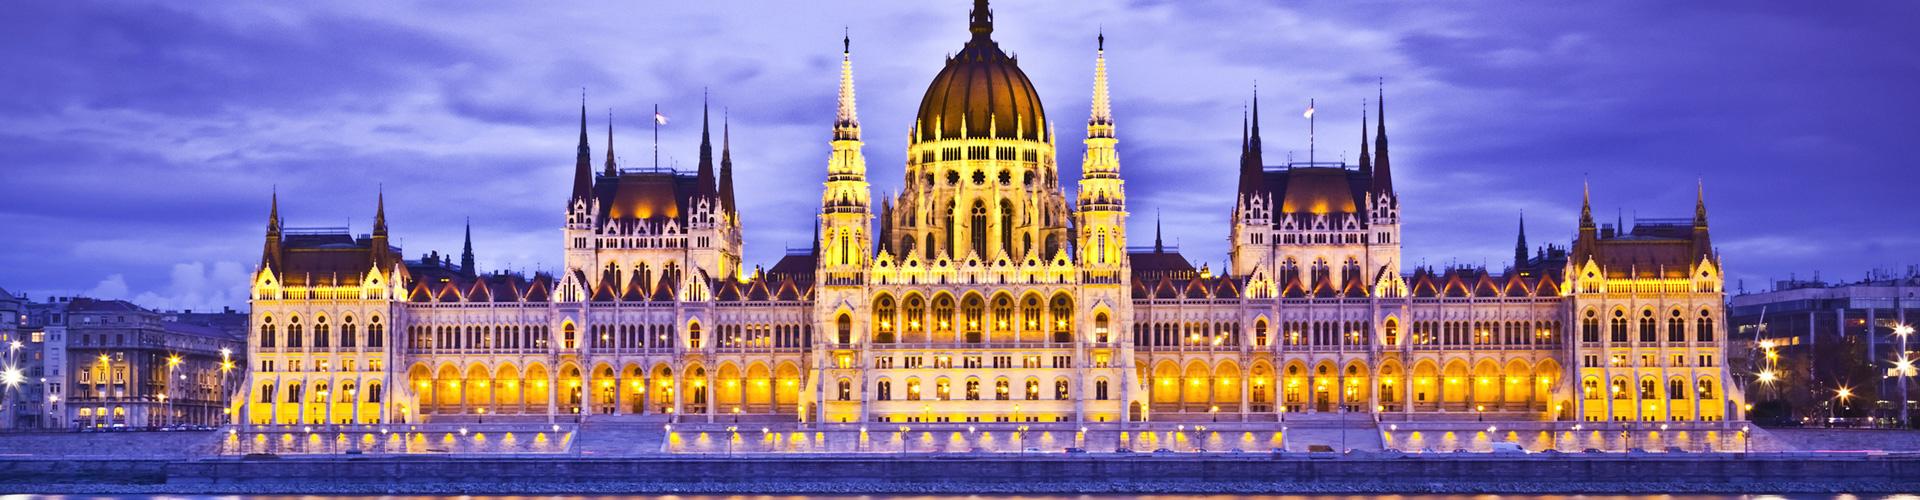 budimpešta putovanje evropski gradovi